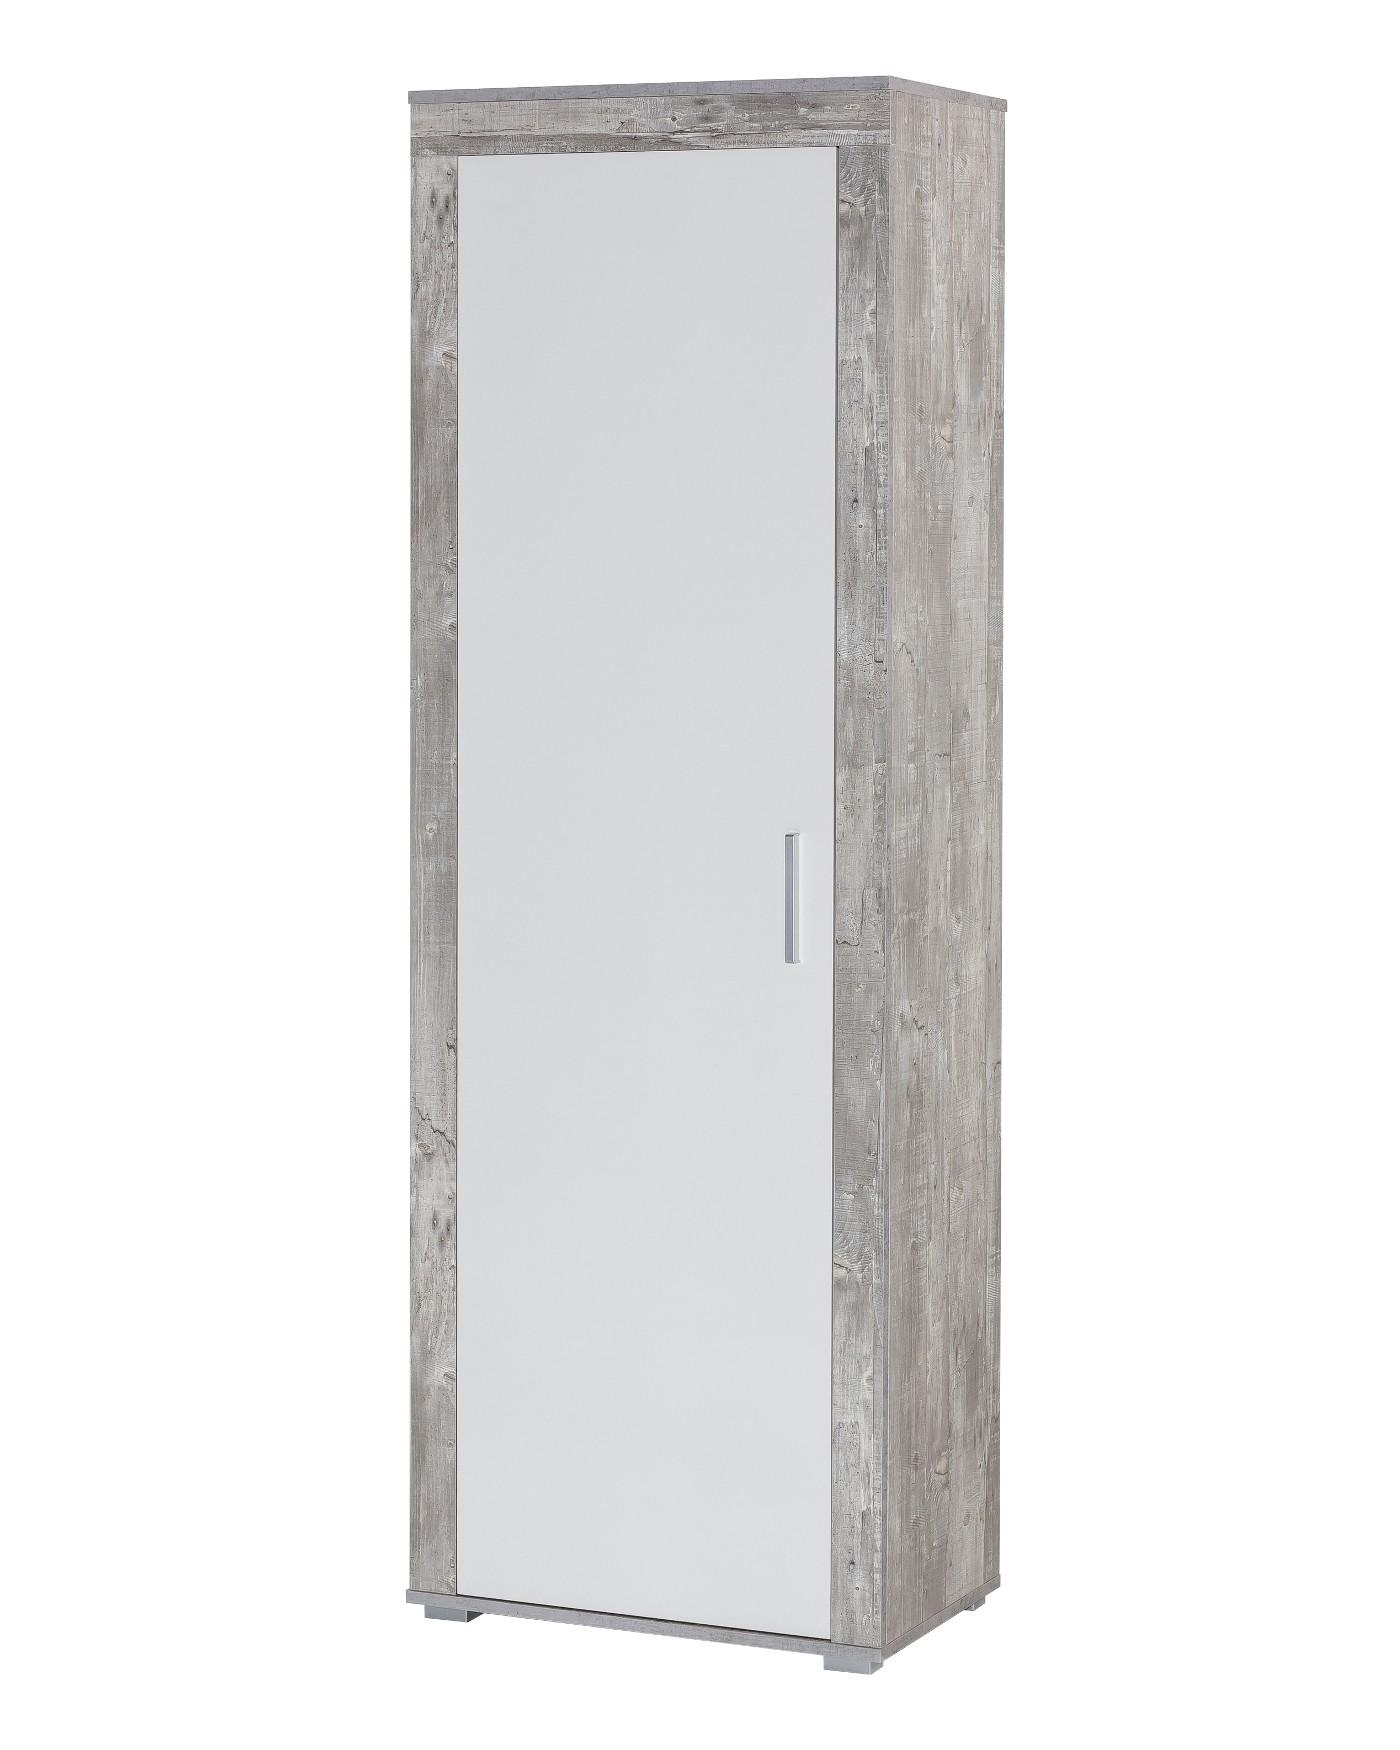 garderobenset lake 130 cm breit 3 teilig wei beton grau wohnen garderoben set. Black Bedroom Furniture Sets. Home Design Ideas